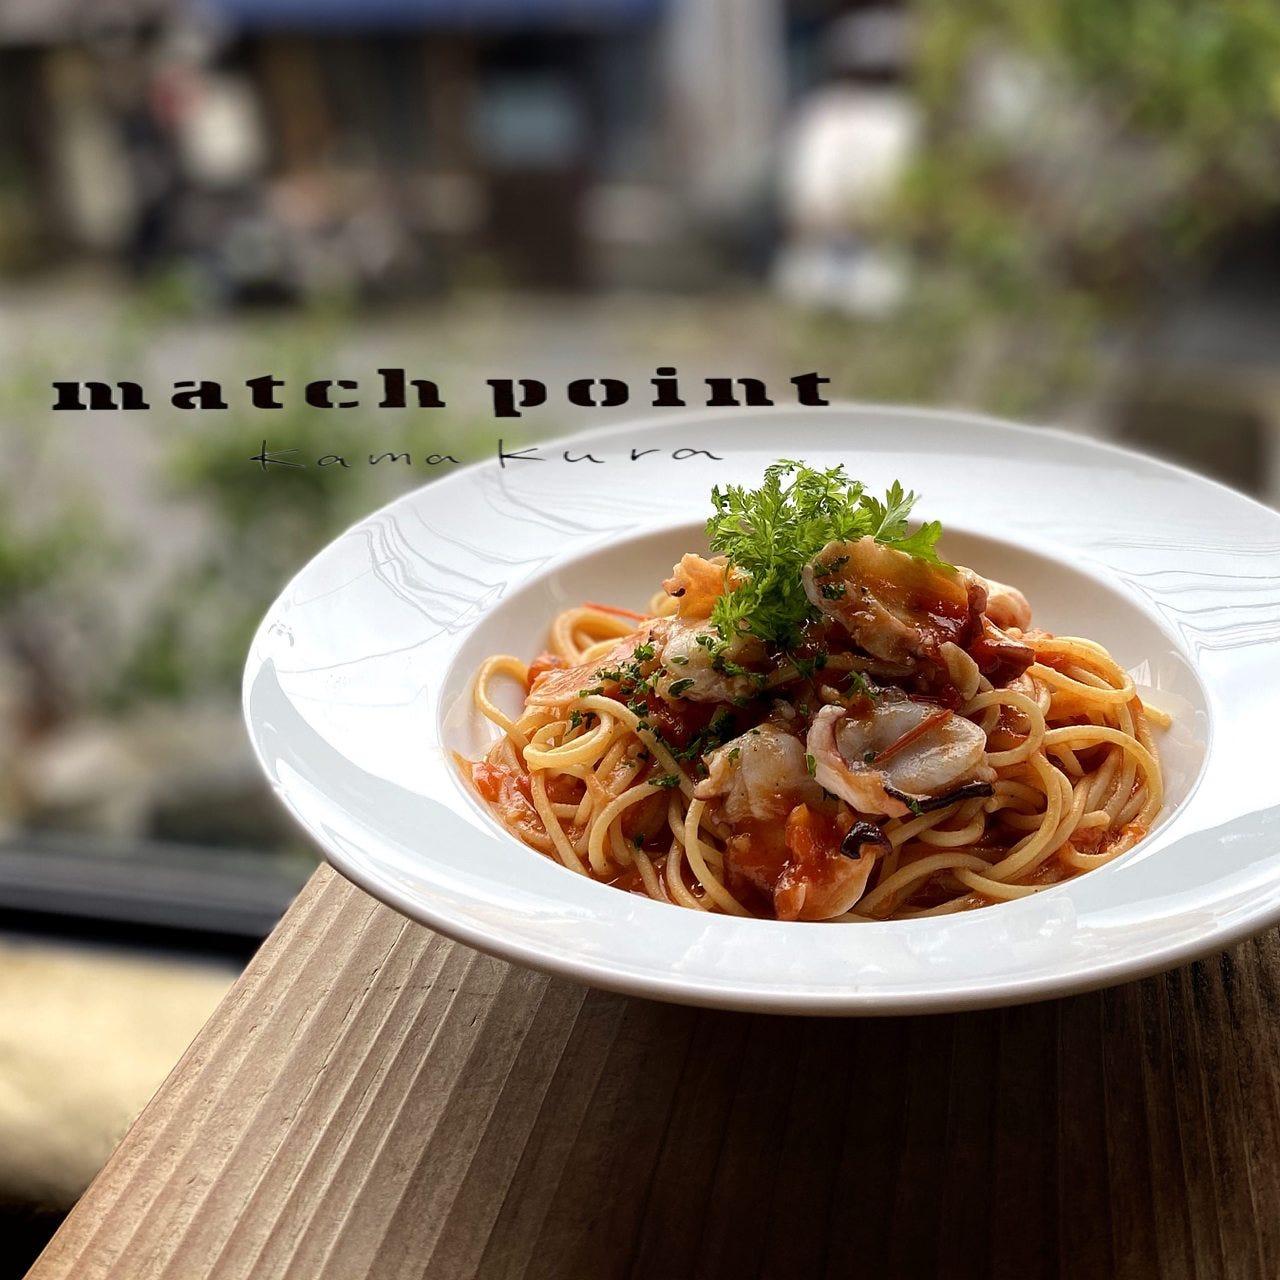 佐島漁港直送の地蛸とフレッシュトマトのスパゲティ! うまい!